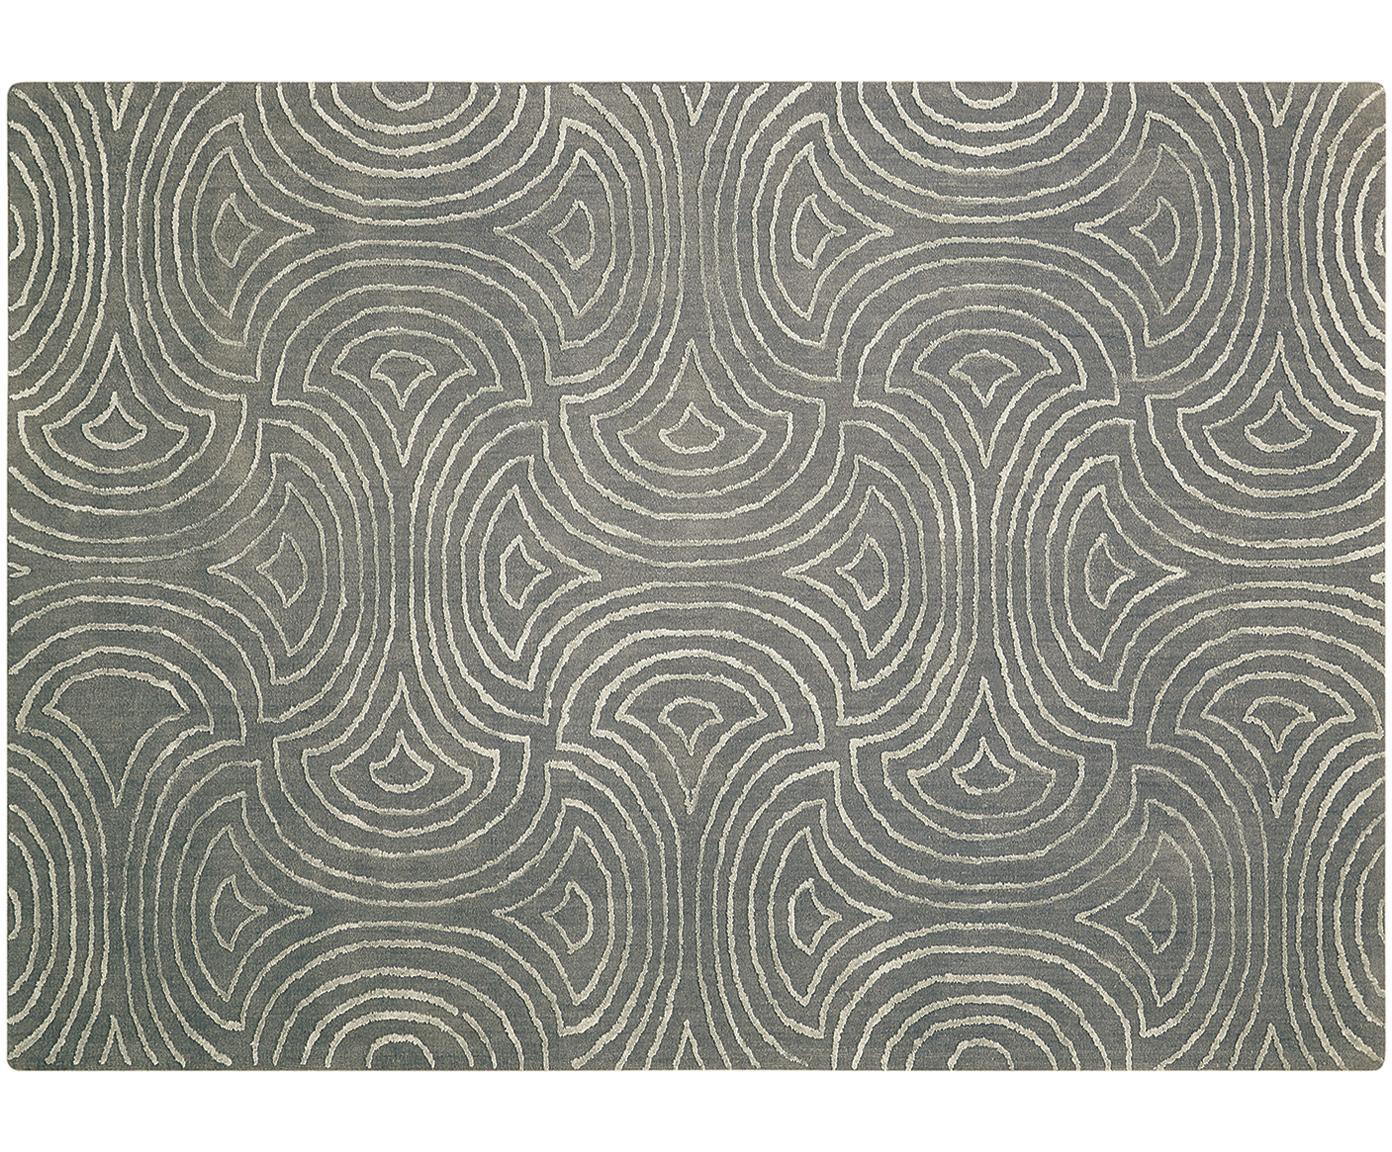 Tappeto taftato a mano Vita Illusion, Retro: cotone, rivestimento in l, Verde muschio, Larg. 150 x Lung. 215 cm (taglia M)